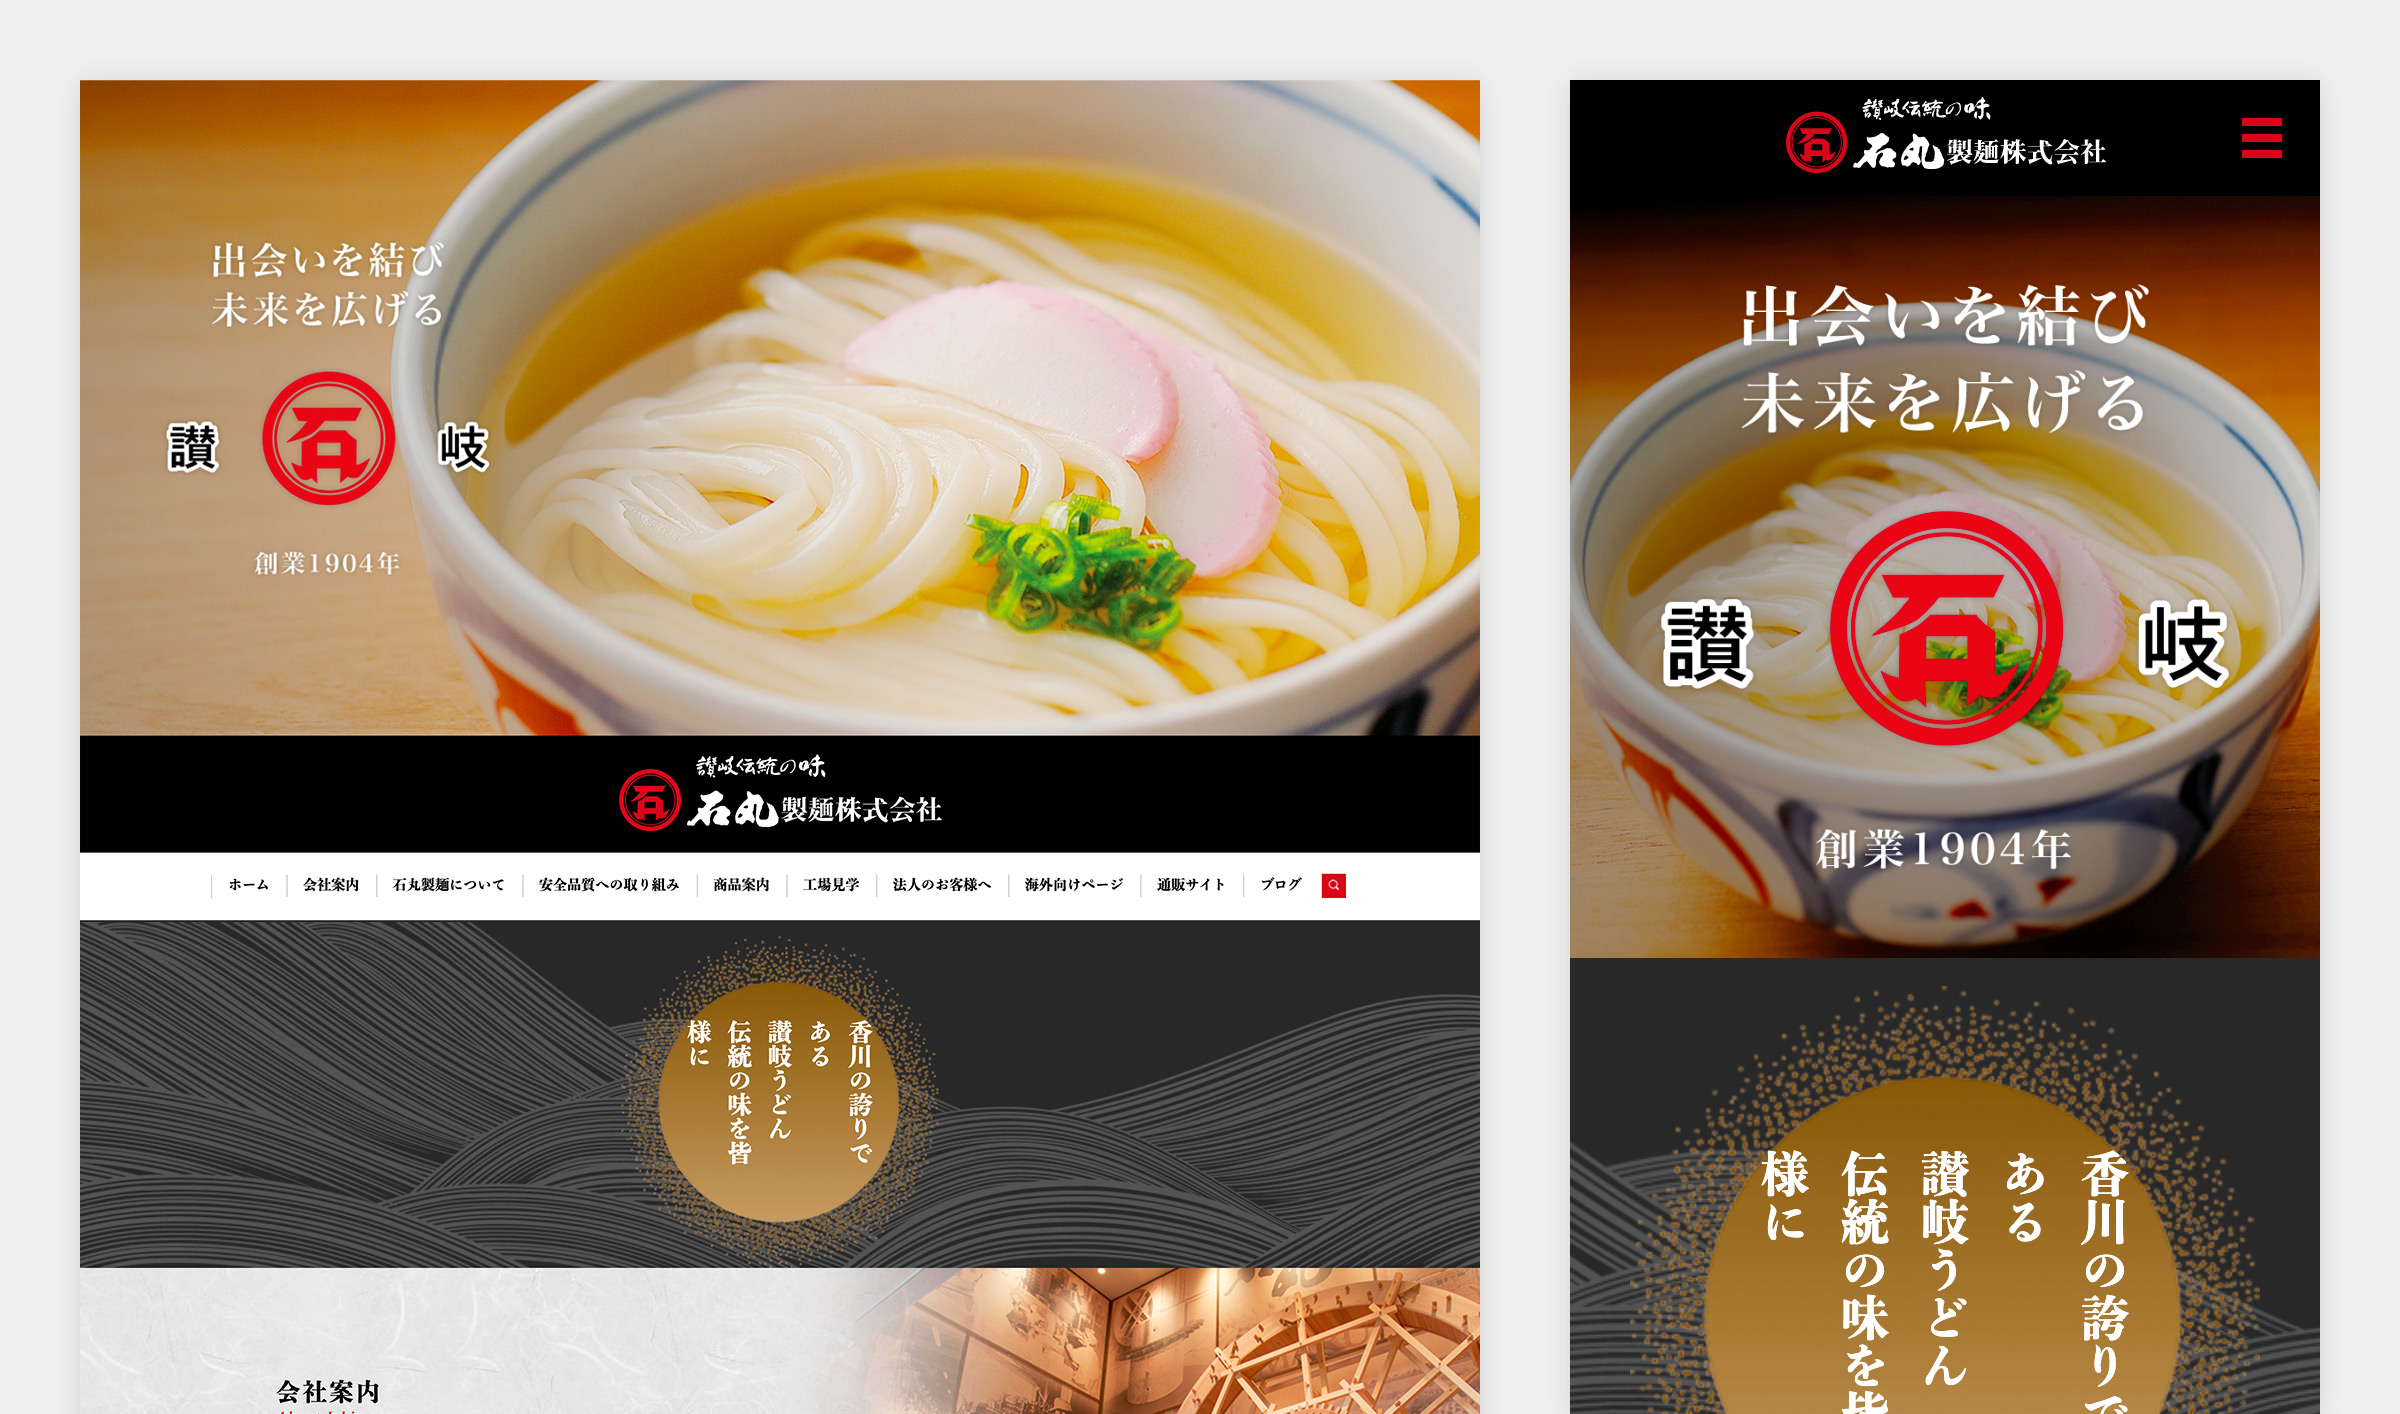 石丸製麺株式会社